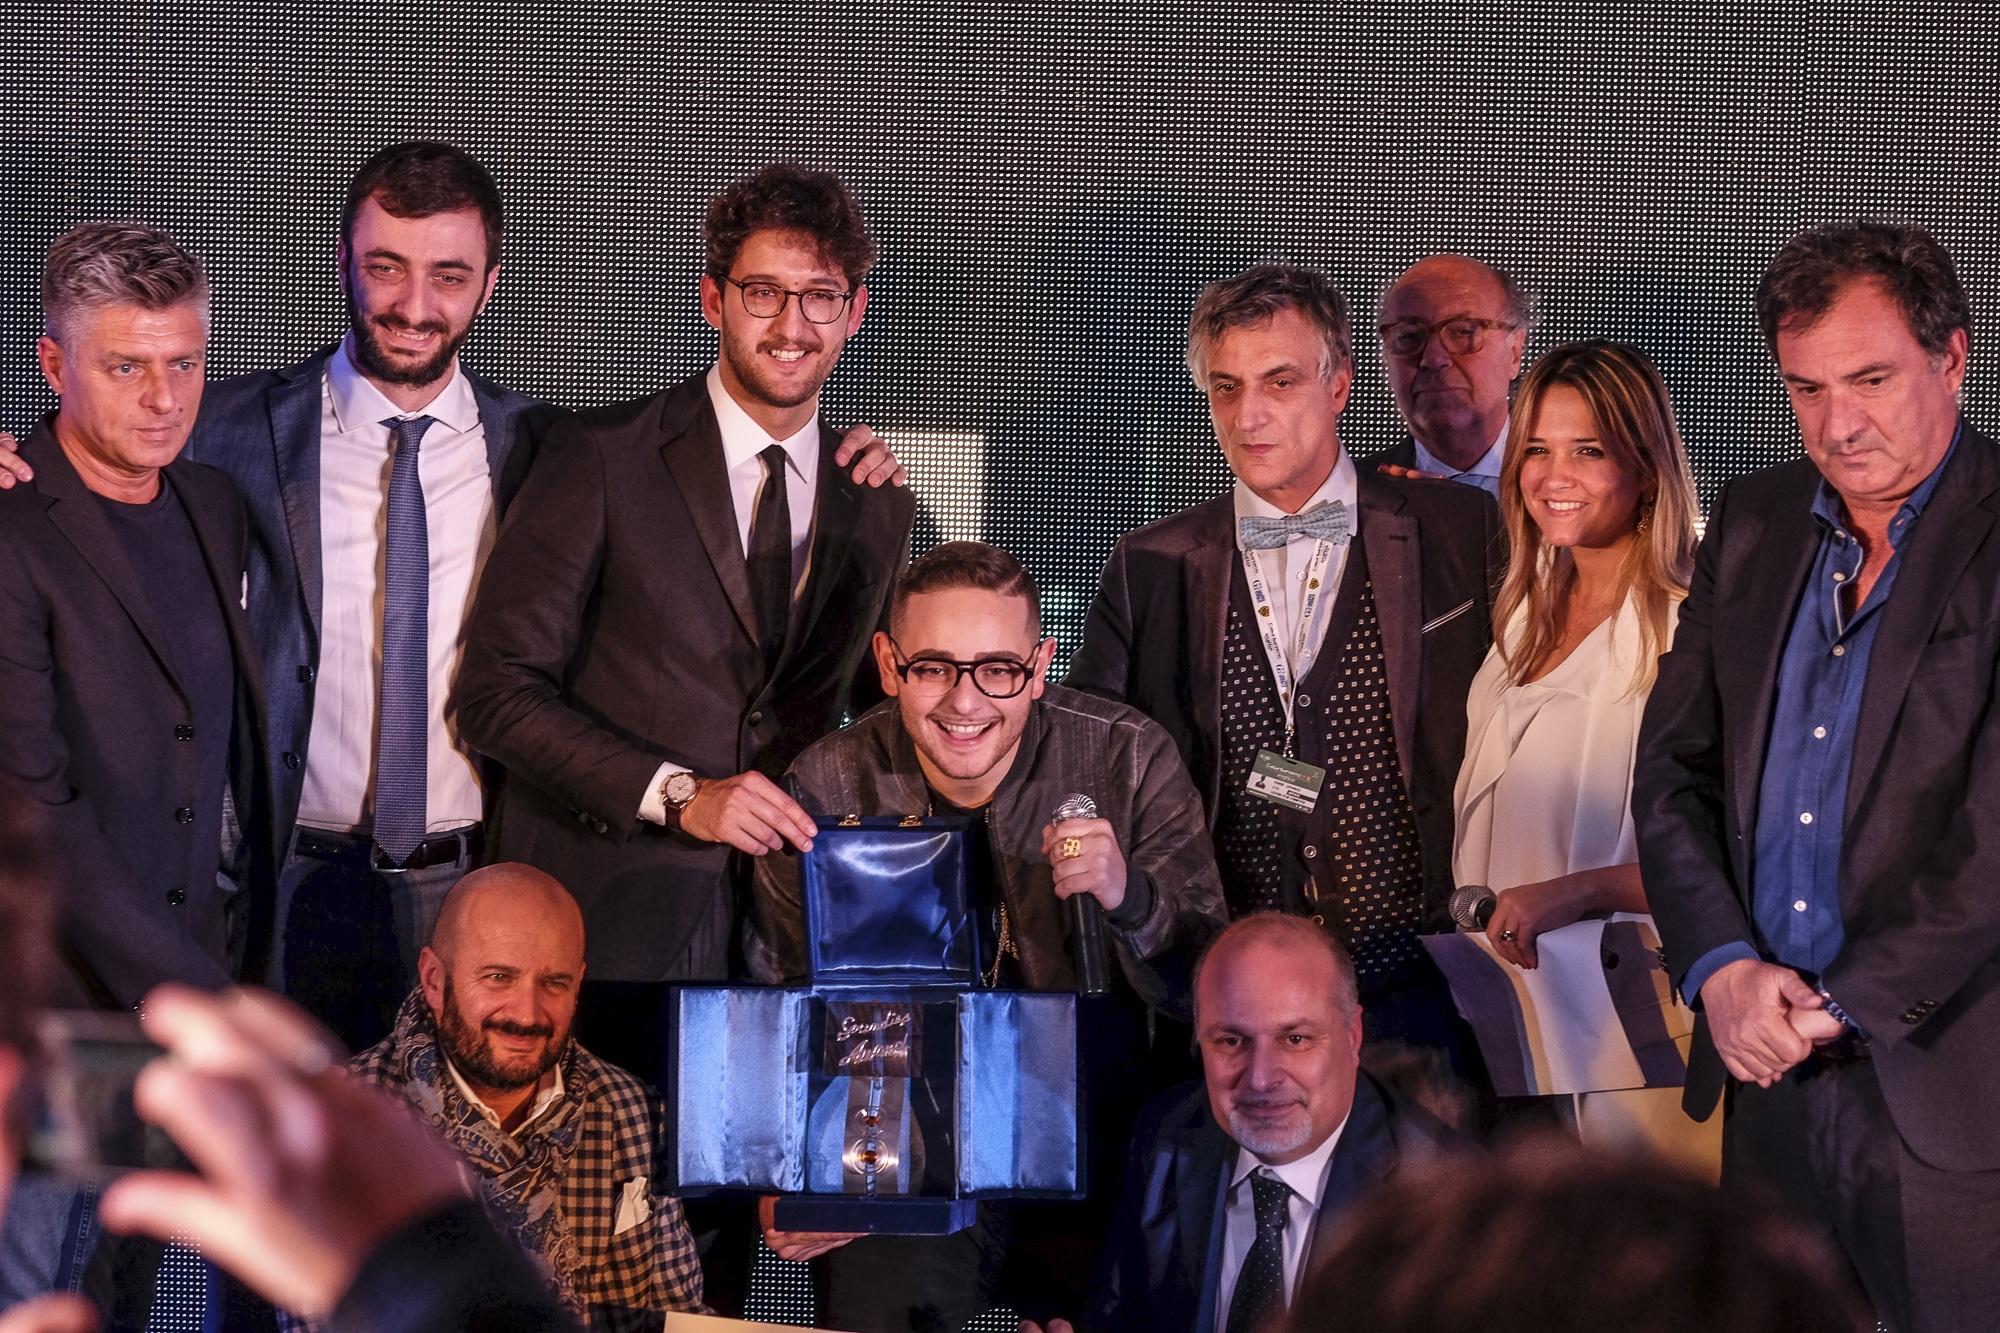 Si è svolta a Casa Sanremo la cerimonia di consegna dei Soundies Awards, il premio dedicato al miglior videoclip tra quelli delle canzoni in gara al Festival, ideato dal patron…